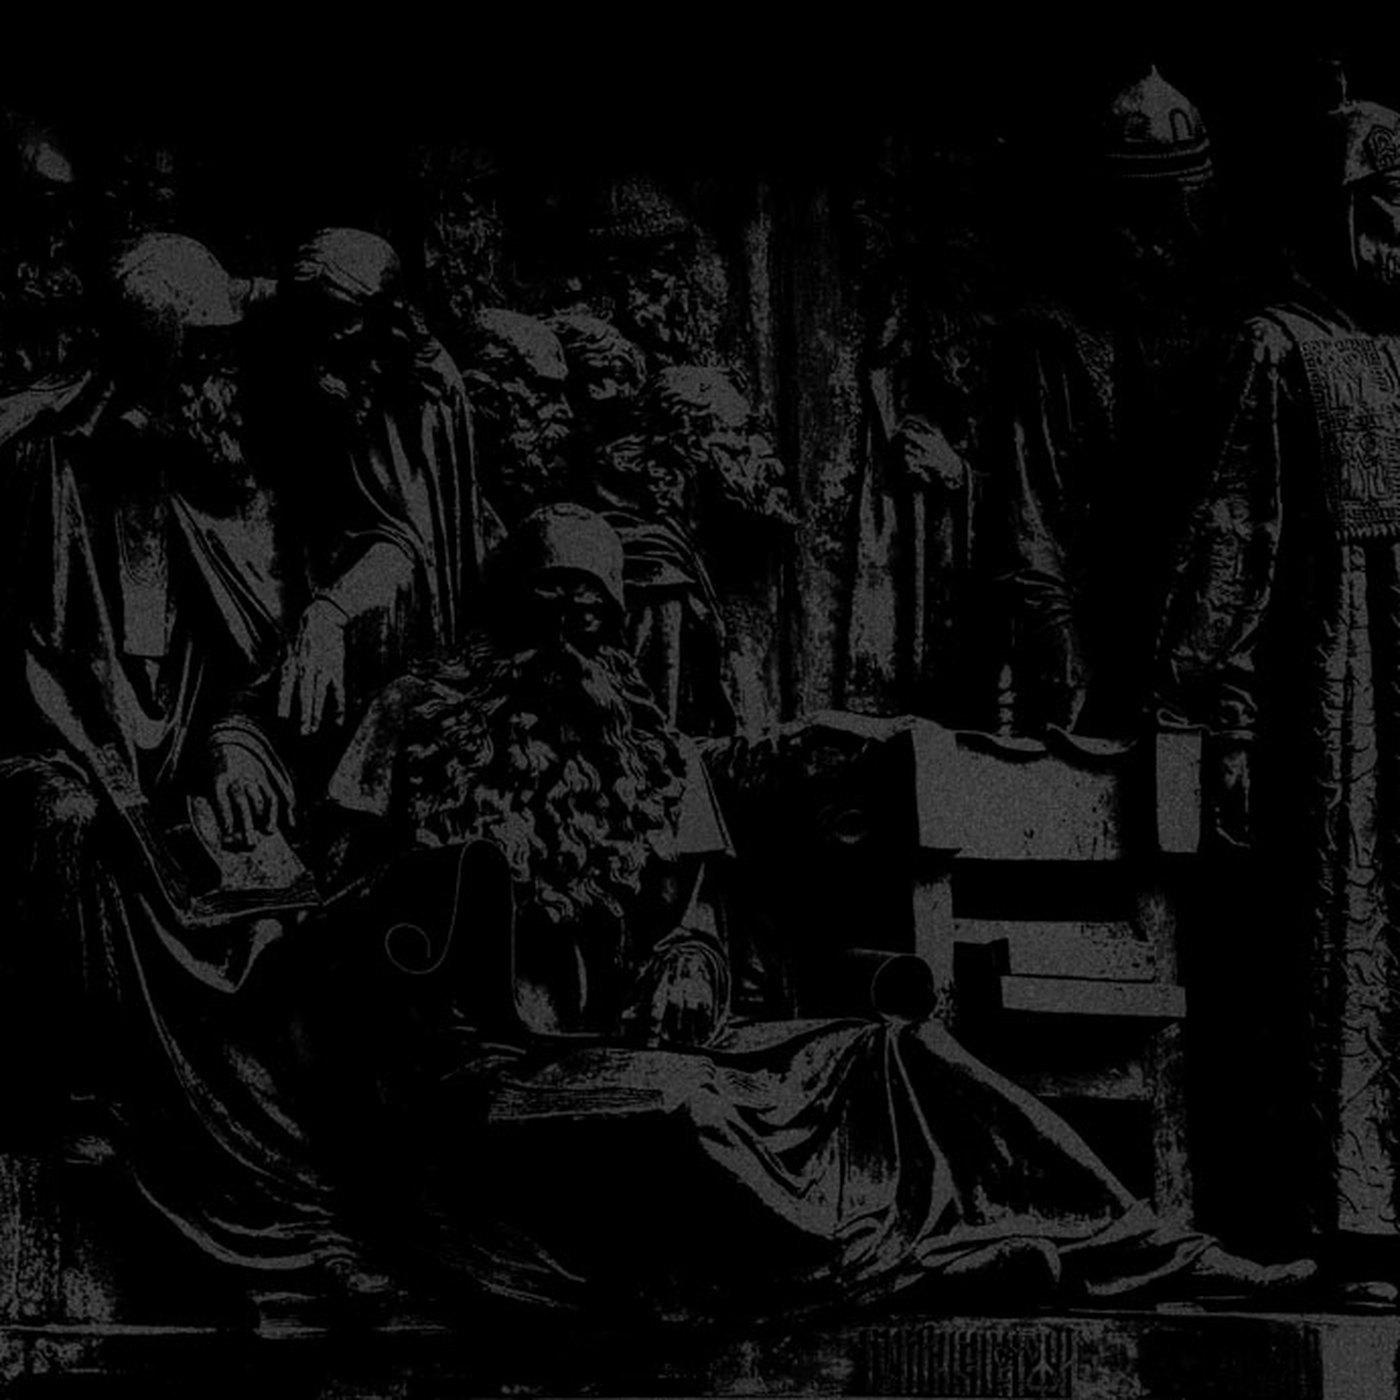 1920-й: Колчак, события на Дальнем Востоке и в Сибири